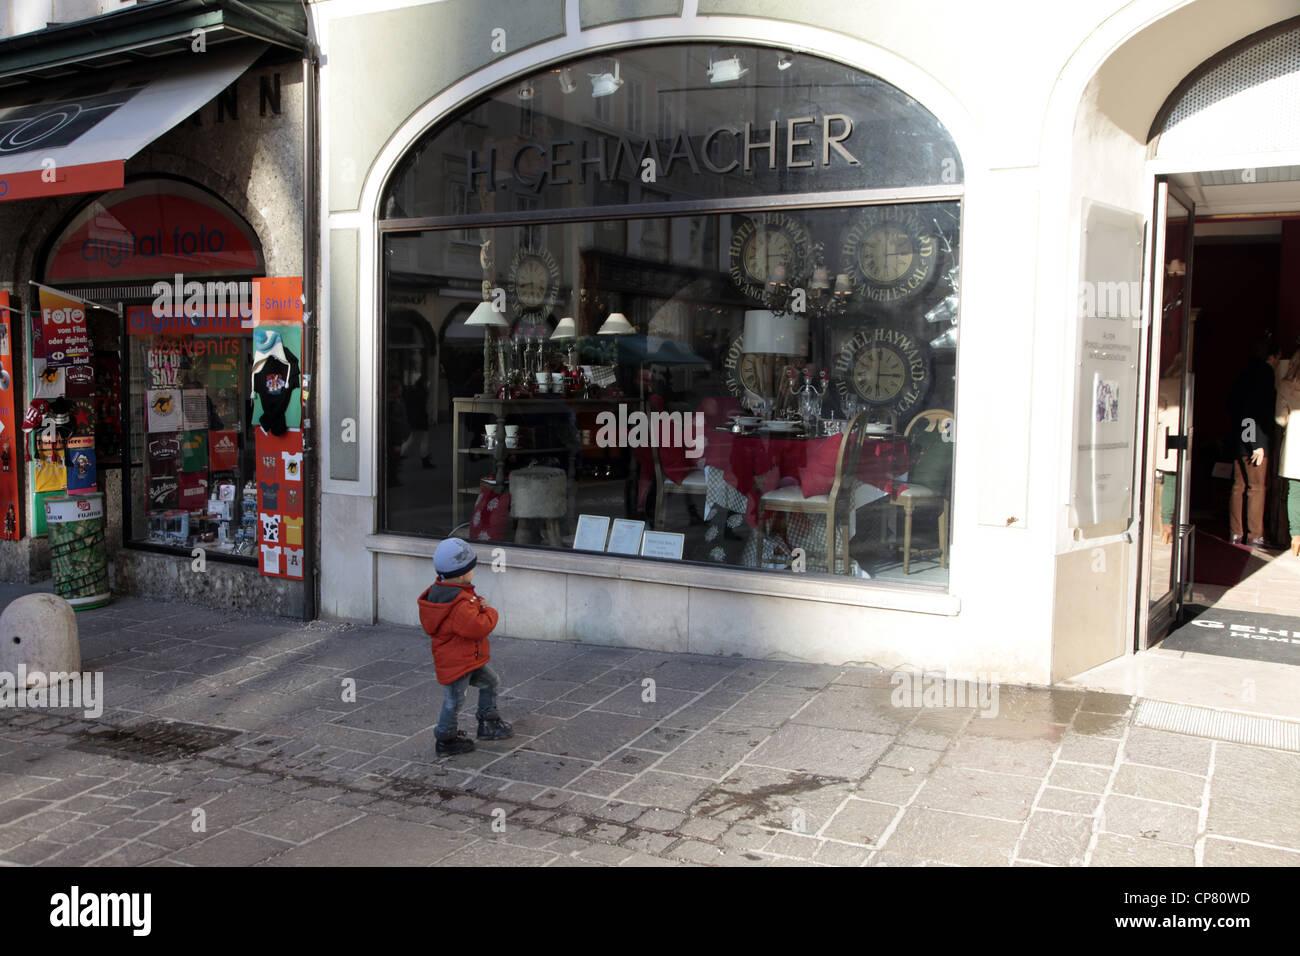 Niño fuera H. GEHMACHER SHOP Salzburgo Austria el 27 de diciembre de 2011 Imagen De Stock